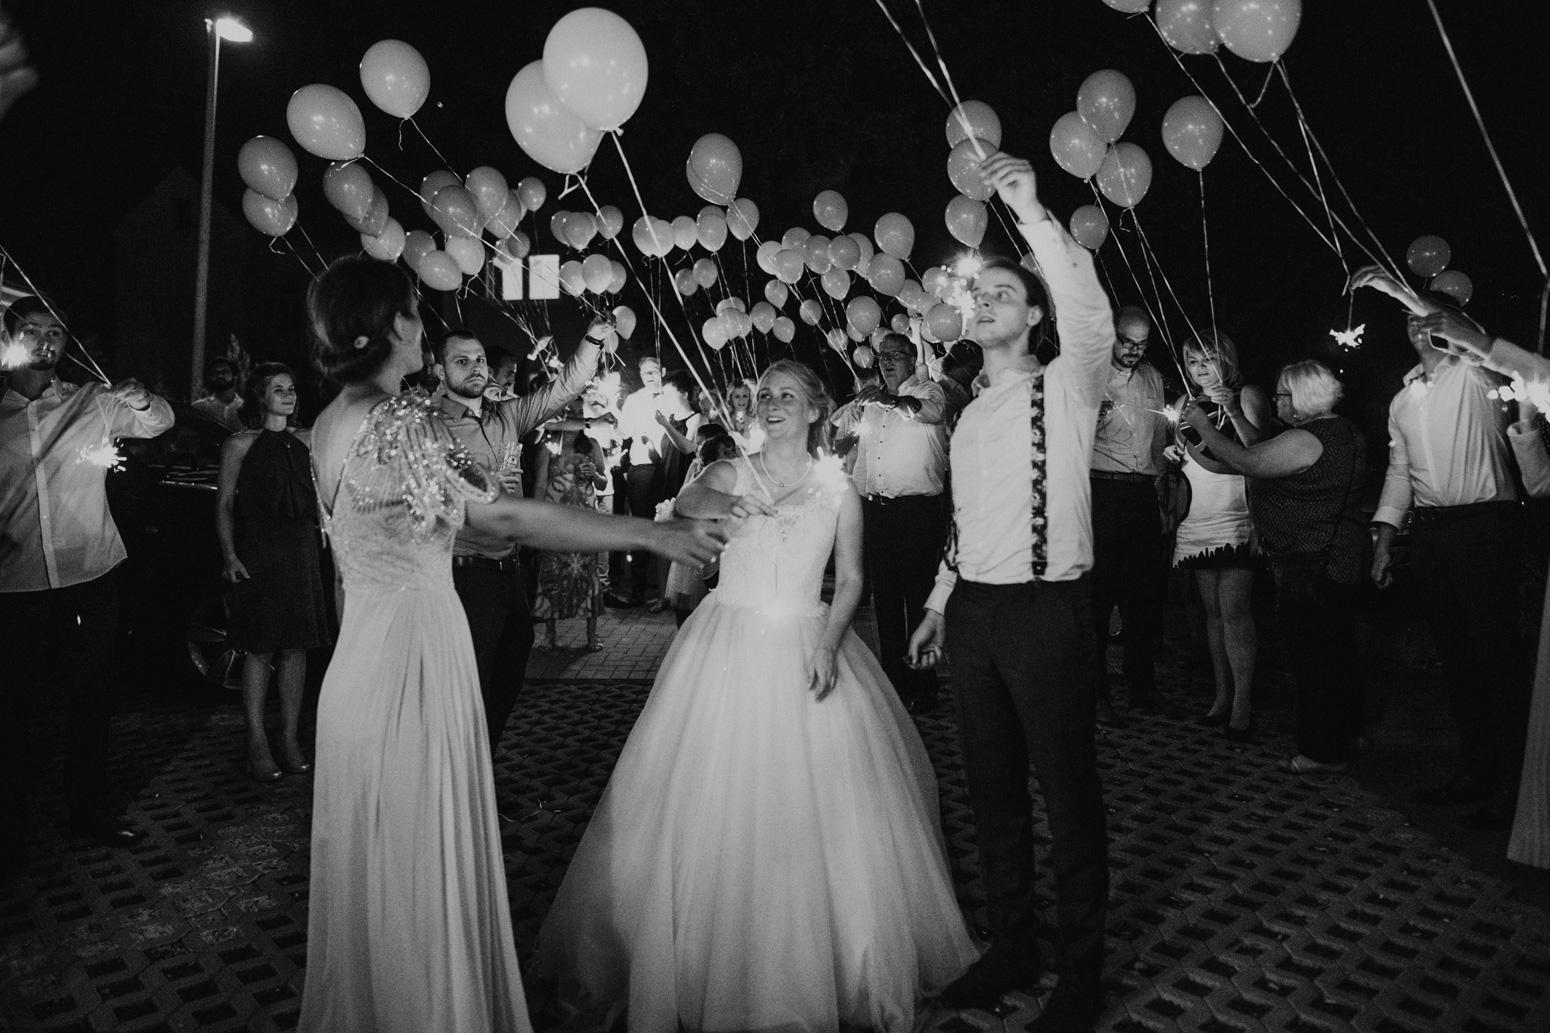 Ballons mit Wunderkerzen steigen lassen. Hochzeit Bonn, Hochzeitsfotografin Genuine Bonds, Daria Becker